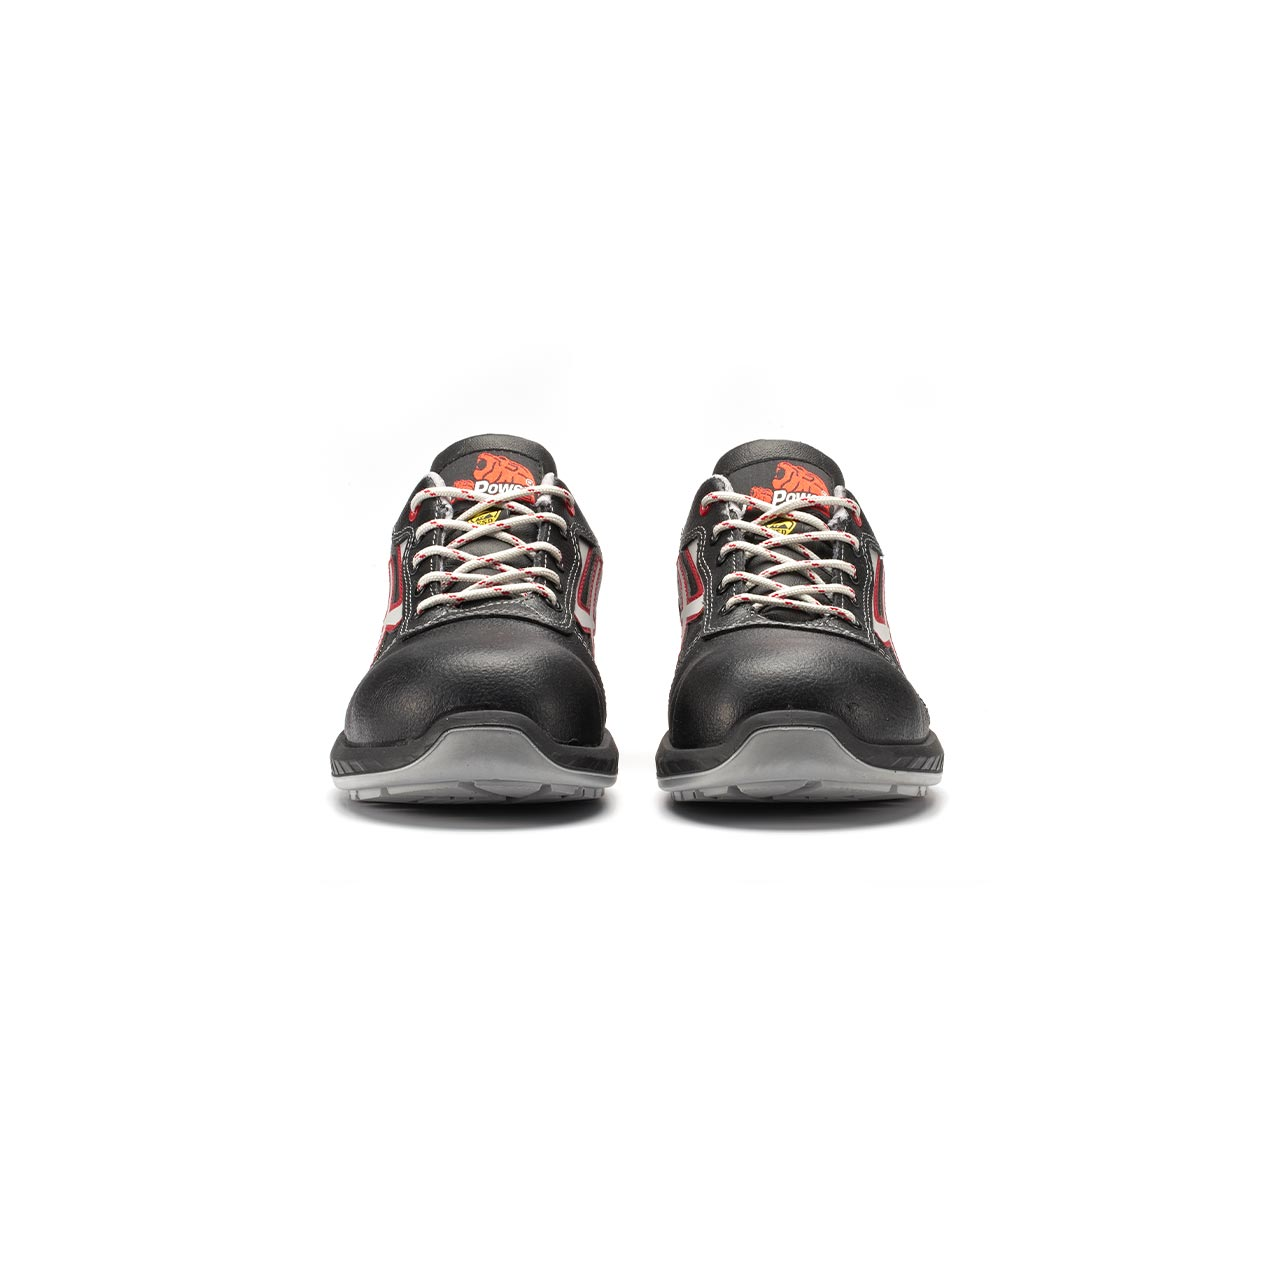 paio di scarpe antinfortunistiche upower modello parigi linea redindustry vista frontale